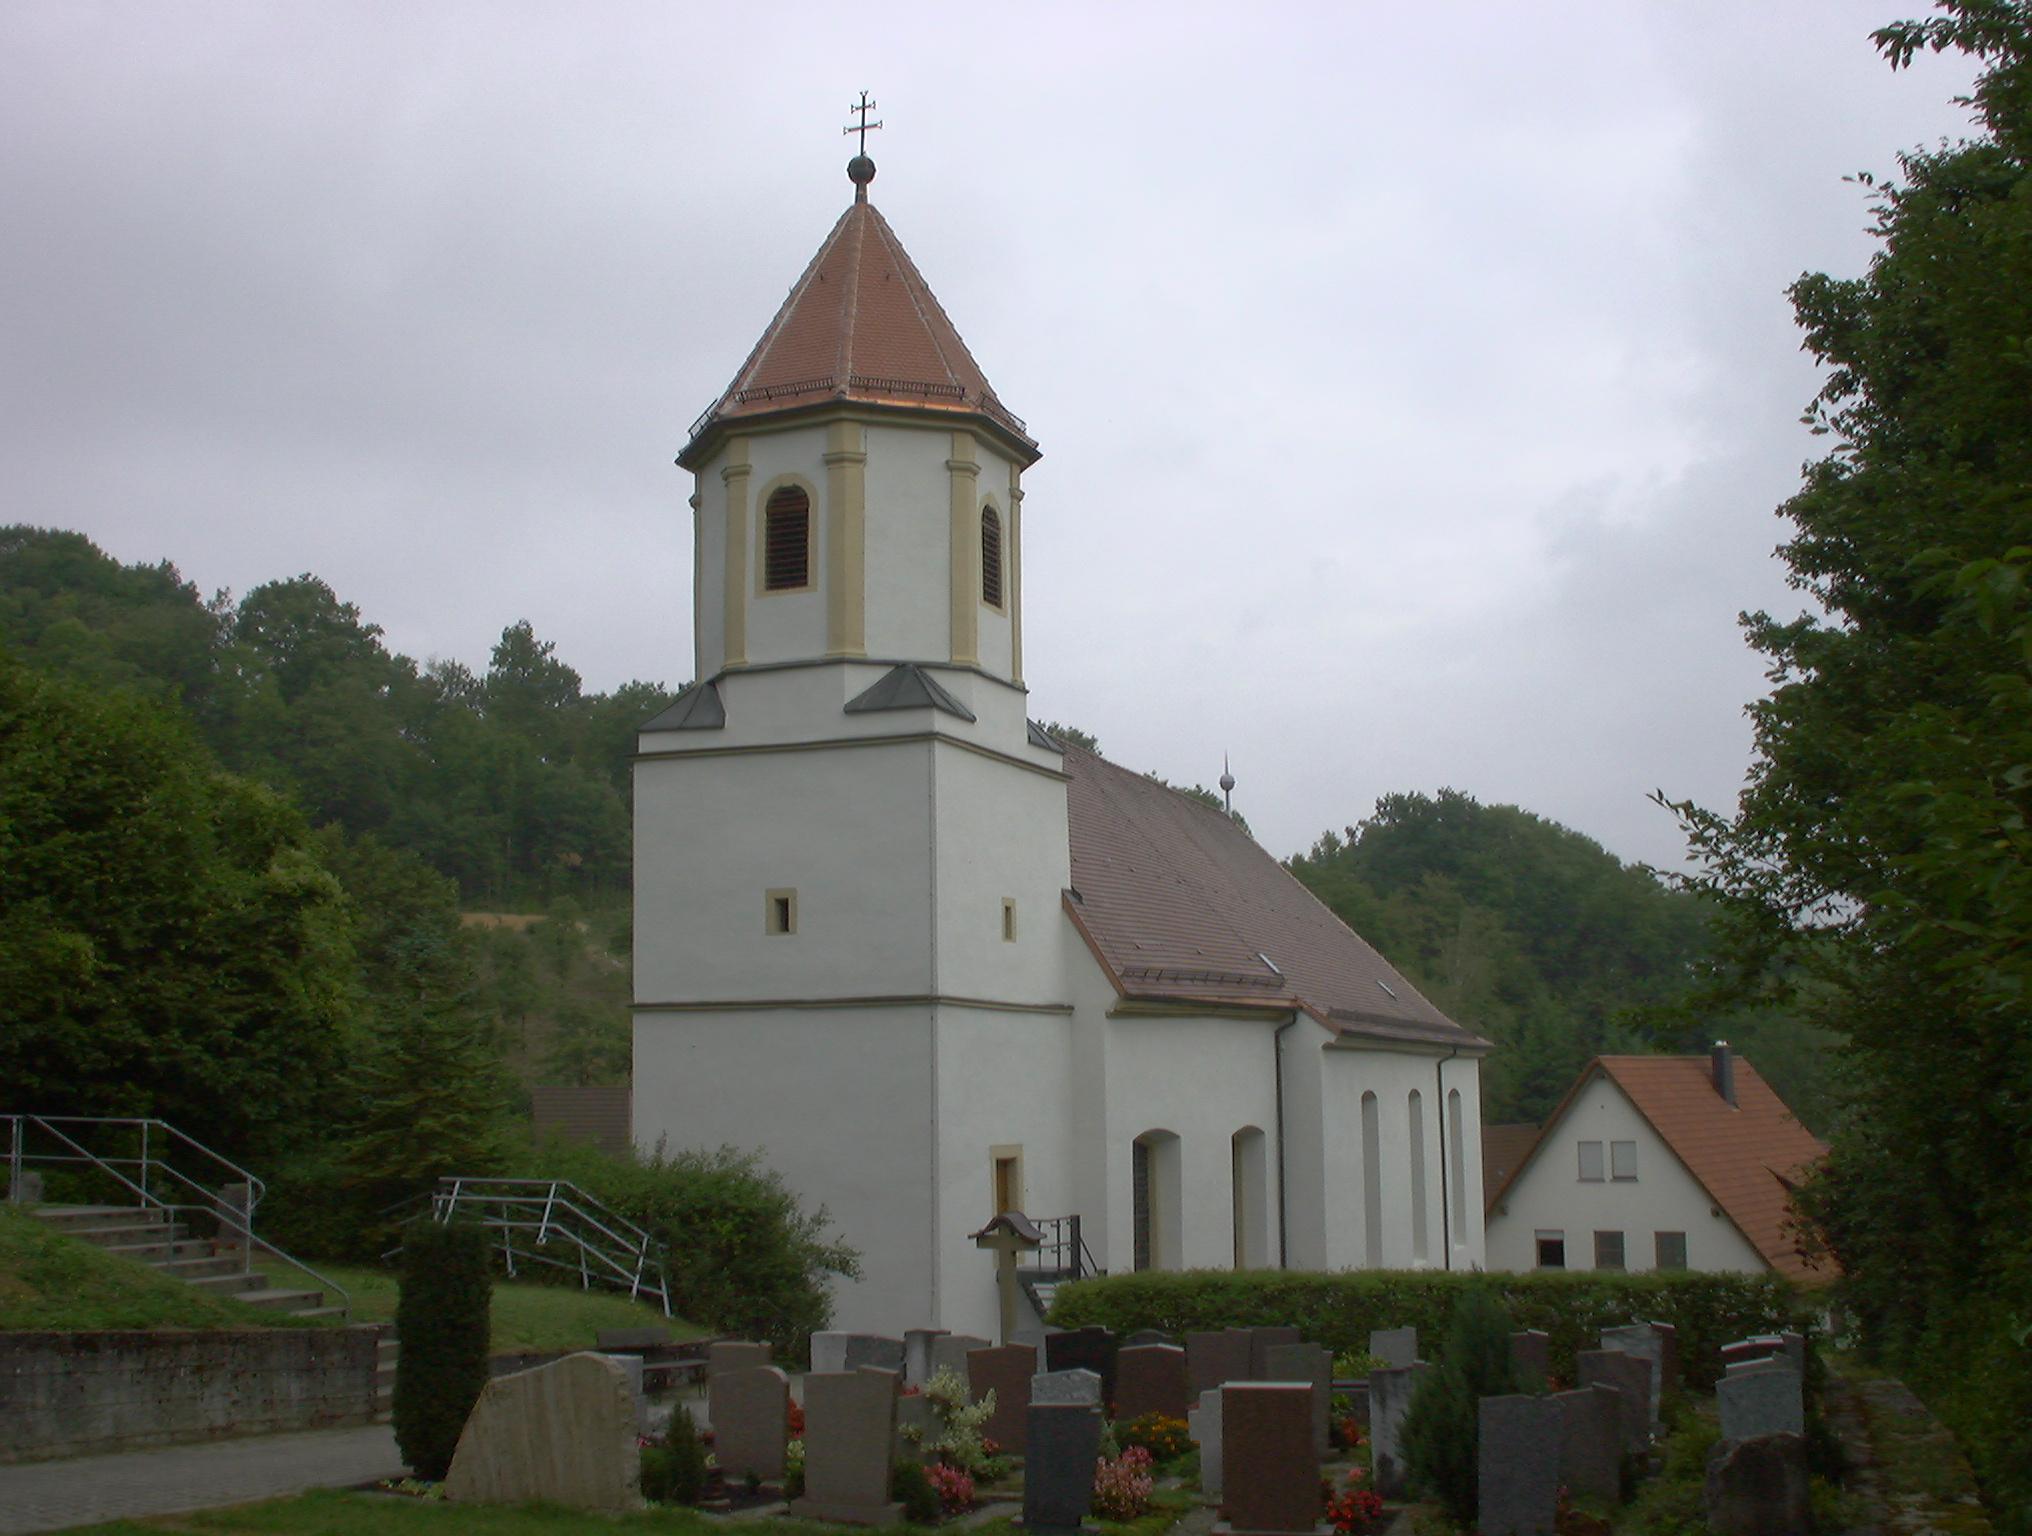 Katholische Kirche in Westernhausen Außensanierung